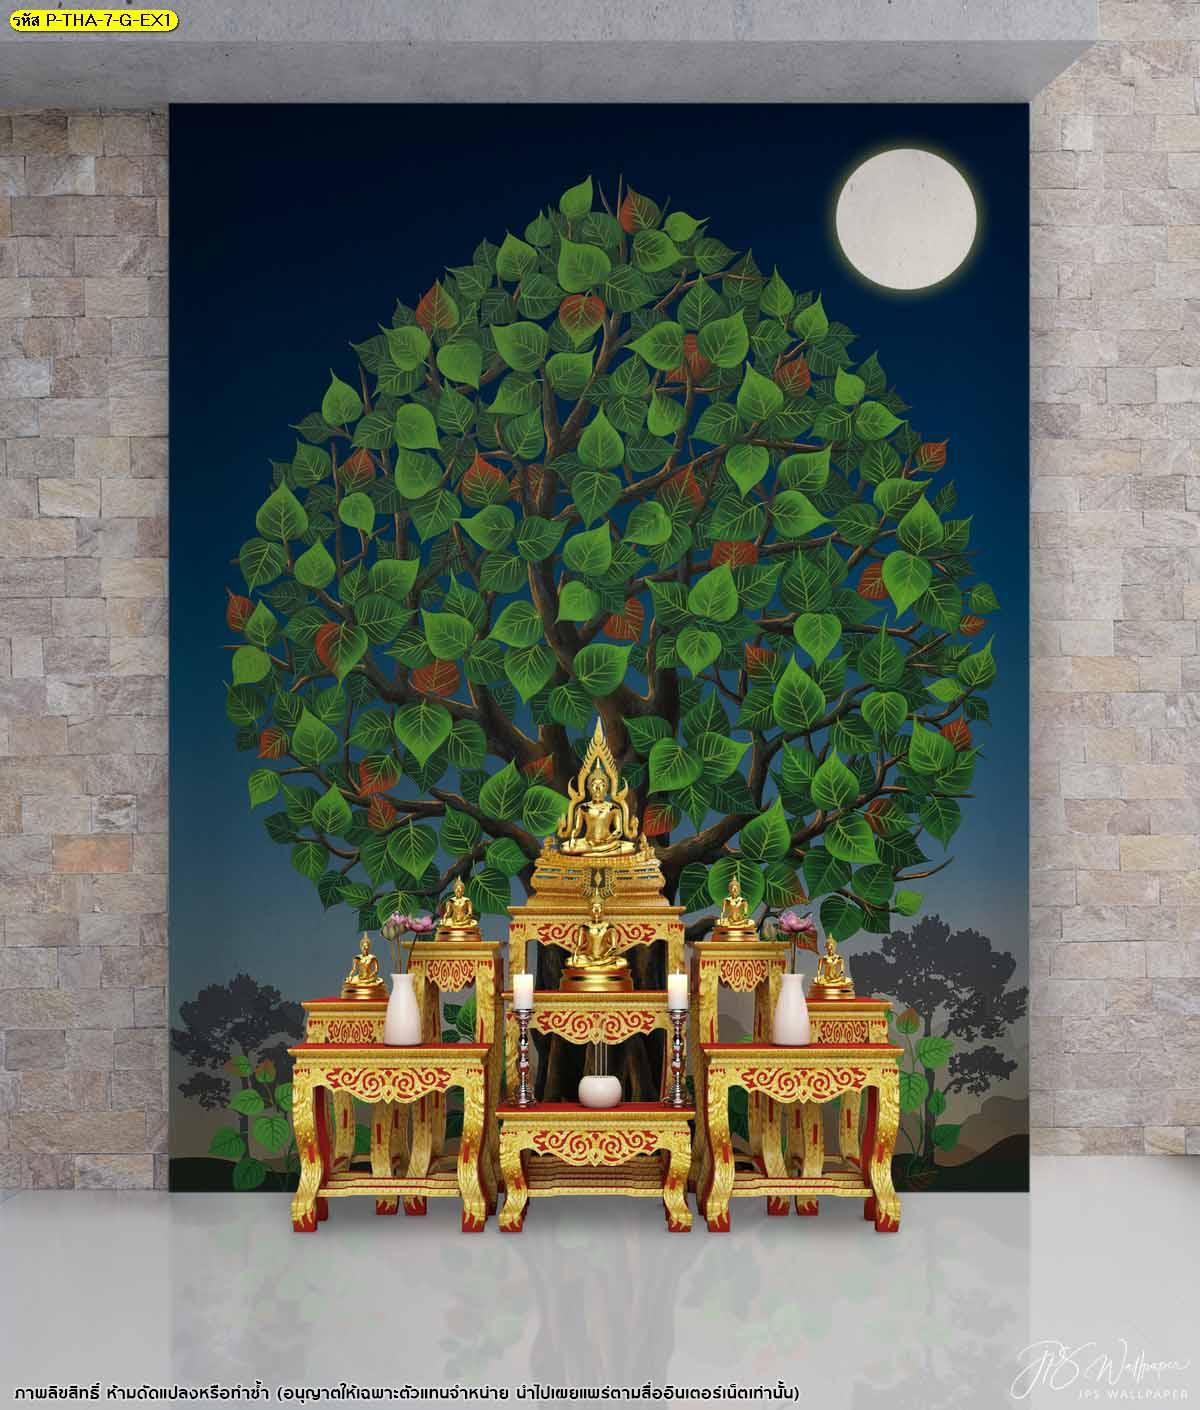 ต้นโพธิ์เชื่อกันว่าเป็นต้นไม้ศักดิ์สิทธิ์ช่วยขจัดความทุกข์ เสริมความเป็นมงคล